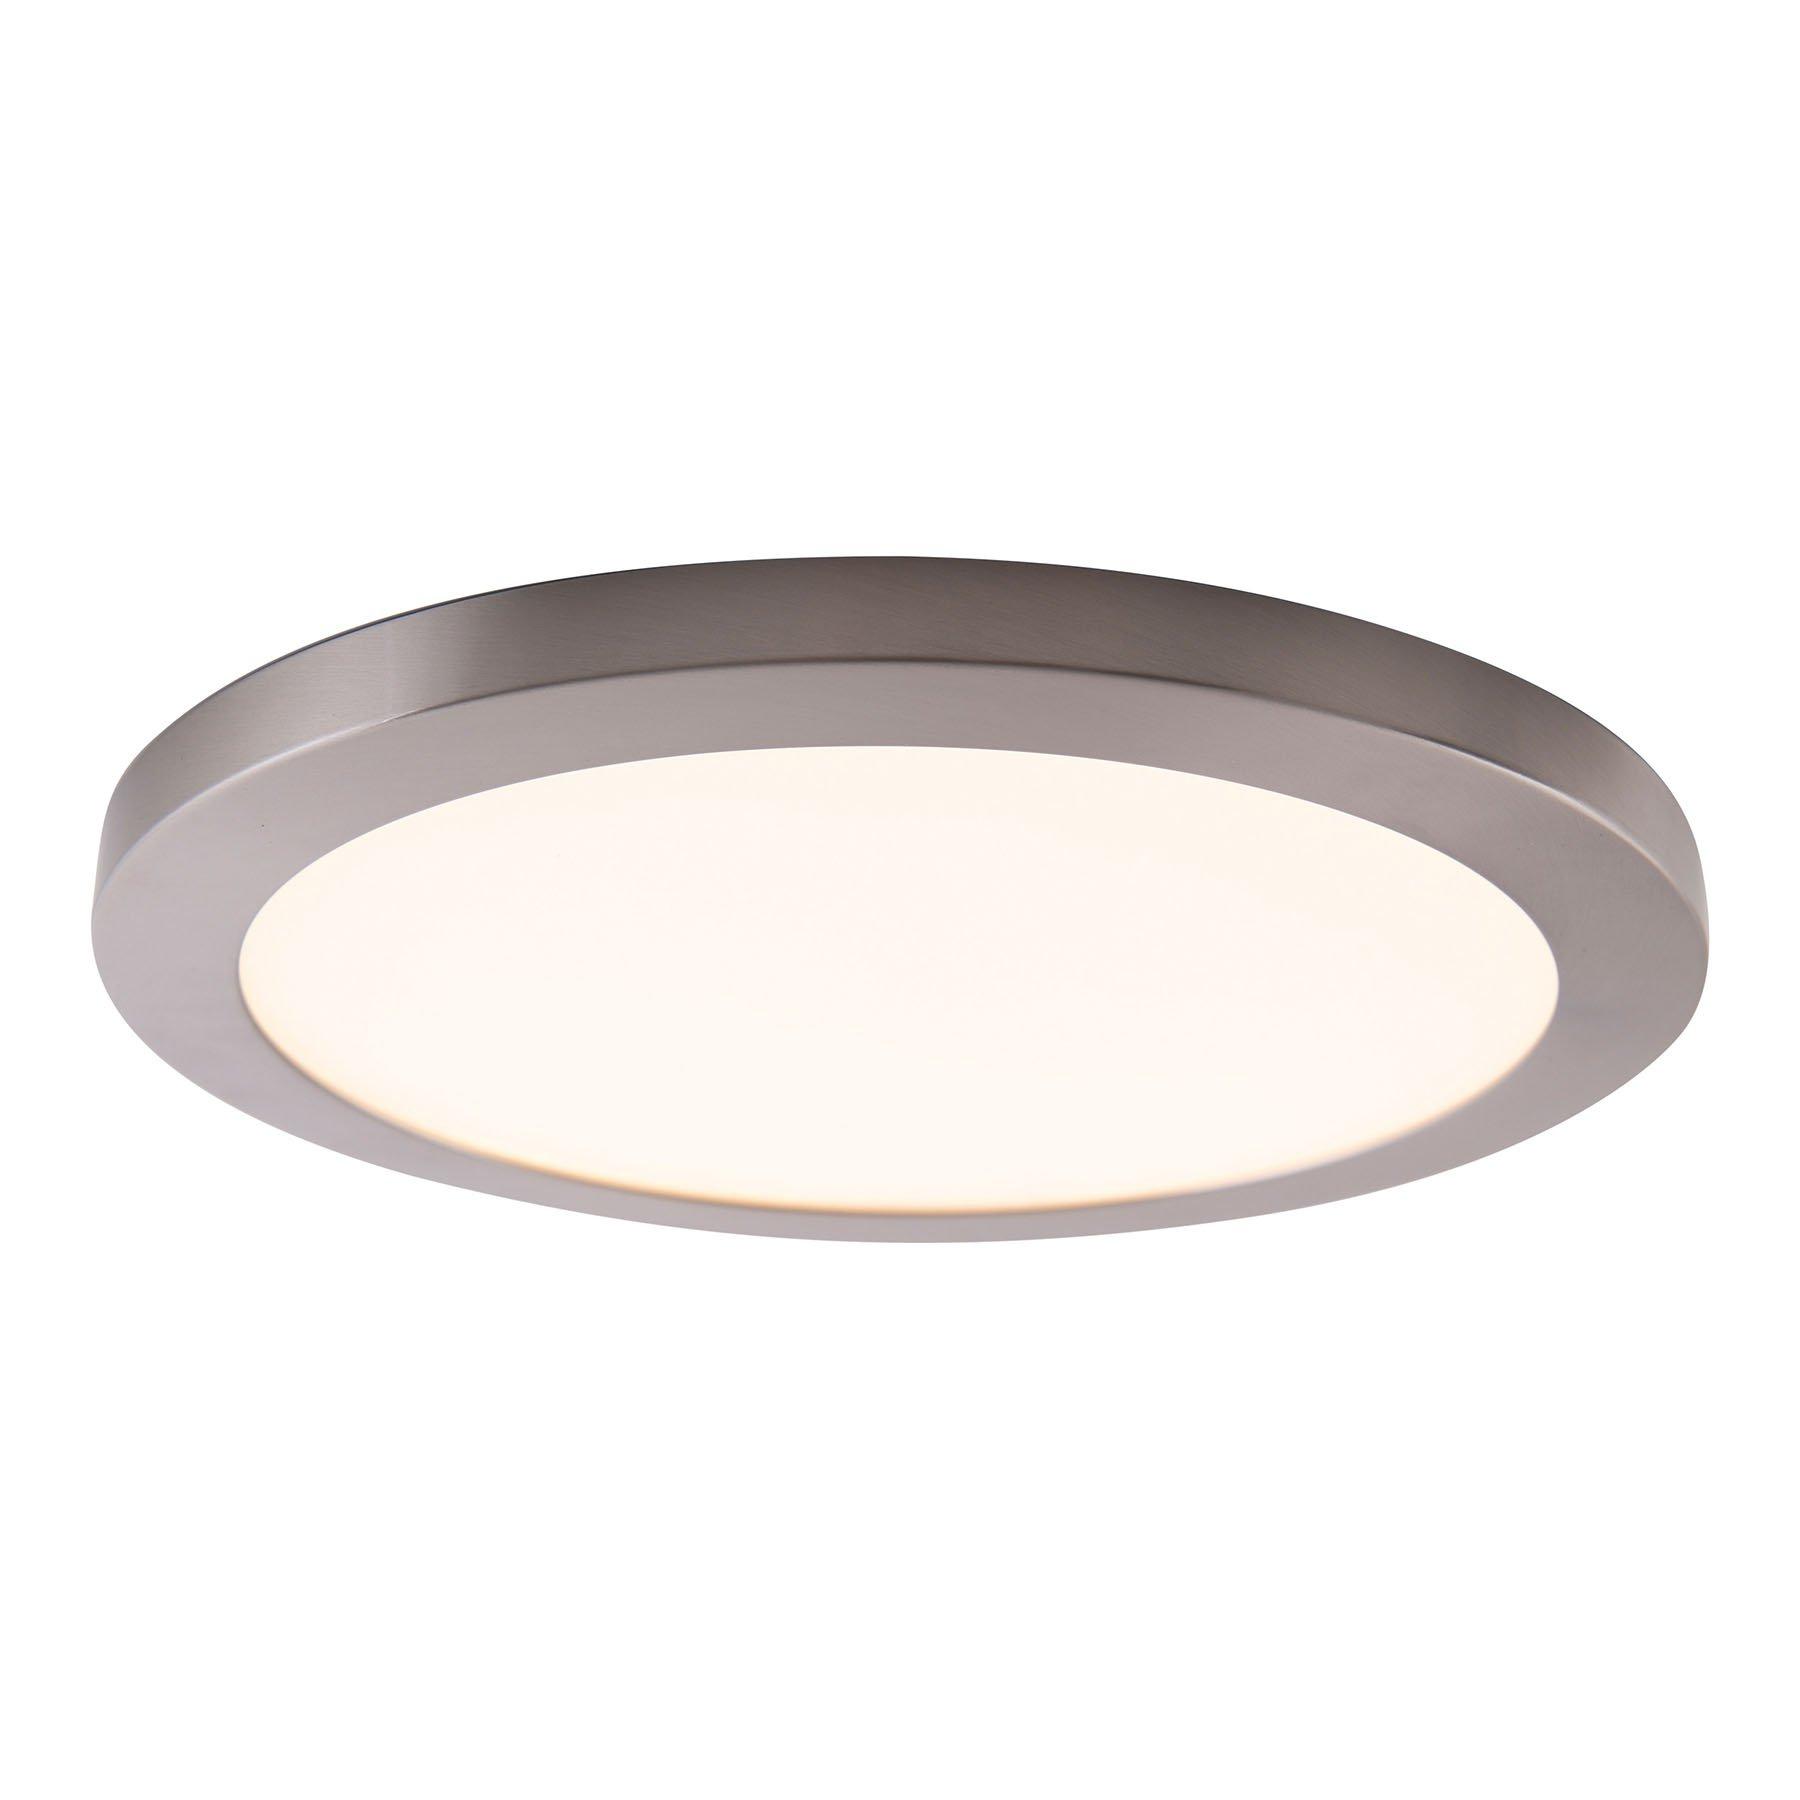 Bonus LED-taklampe med magnetring, Ø 33 cm